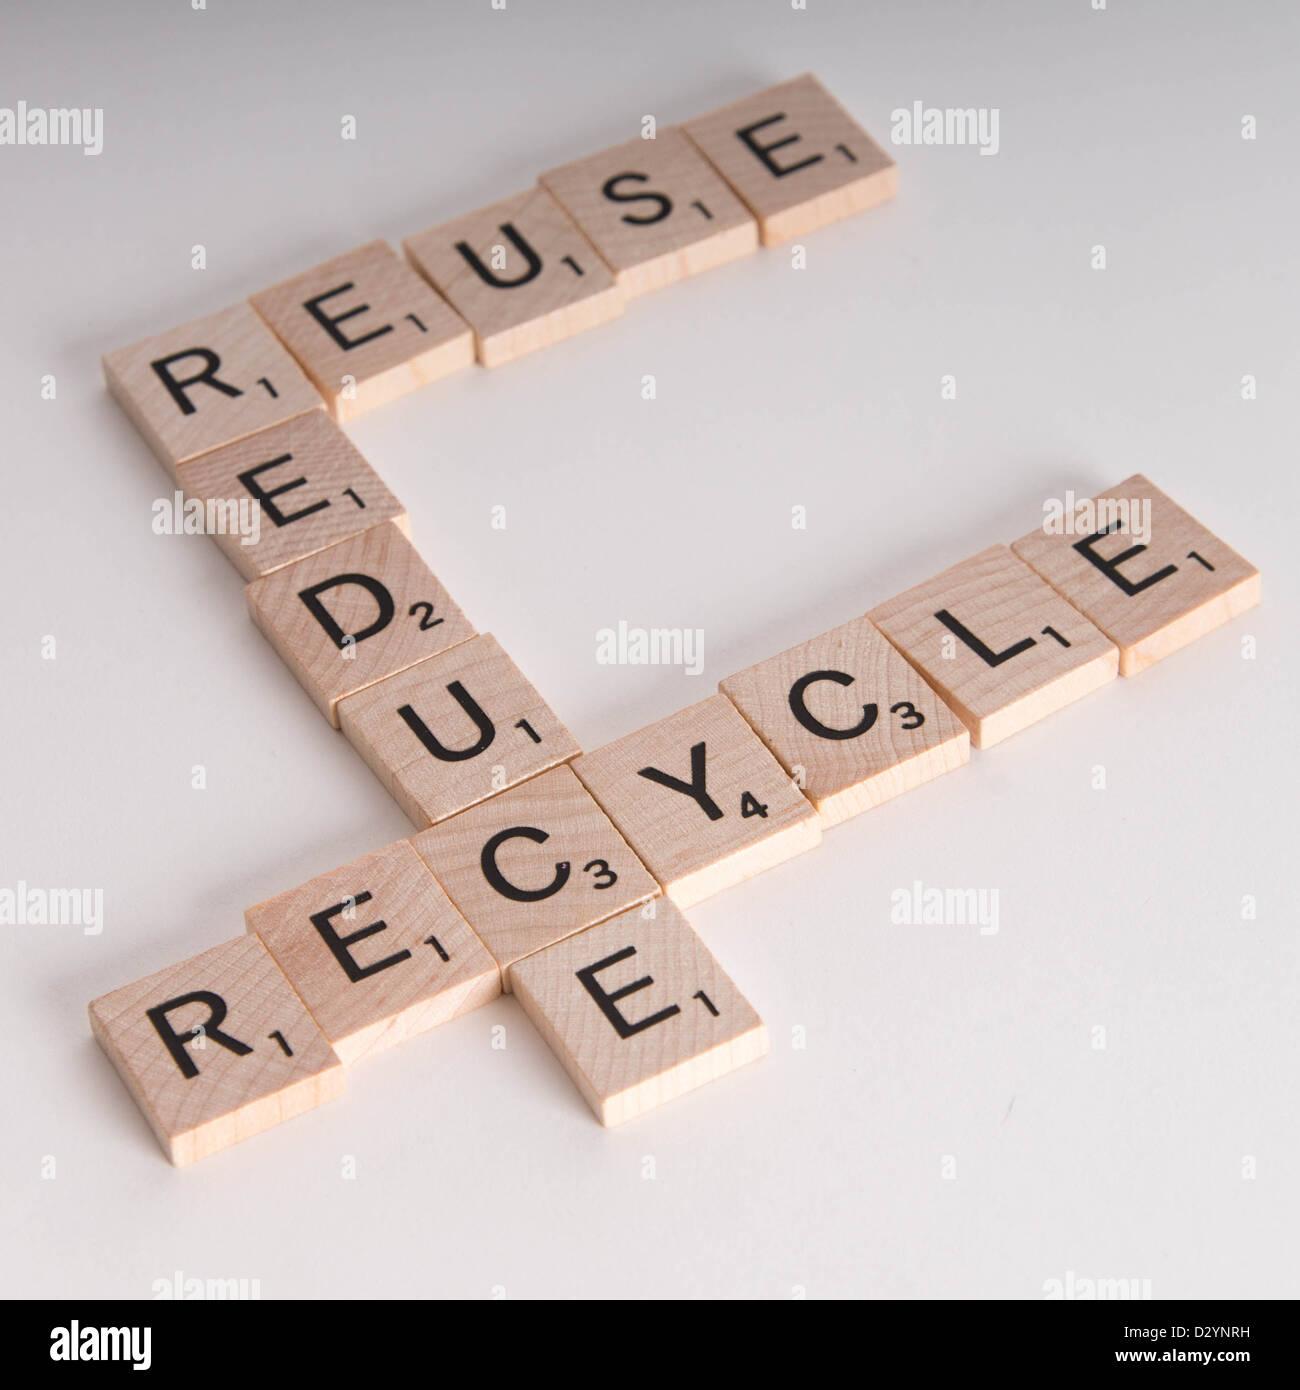 Ridurre, riutilizzare e riciclare il concetto. Scrabble in legno lettere compitare 'reduce, riutilizzare e riciclare' Immagini Stock